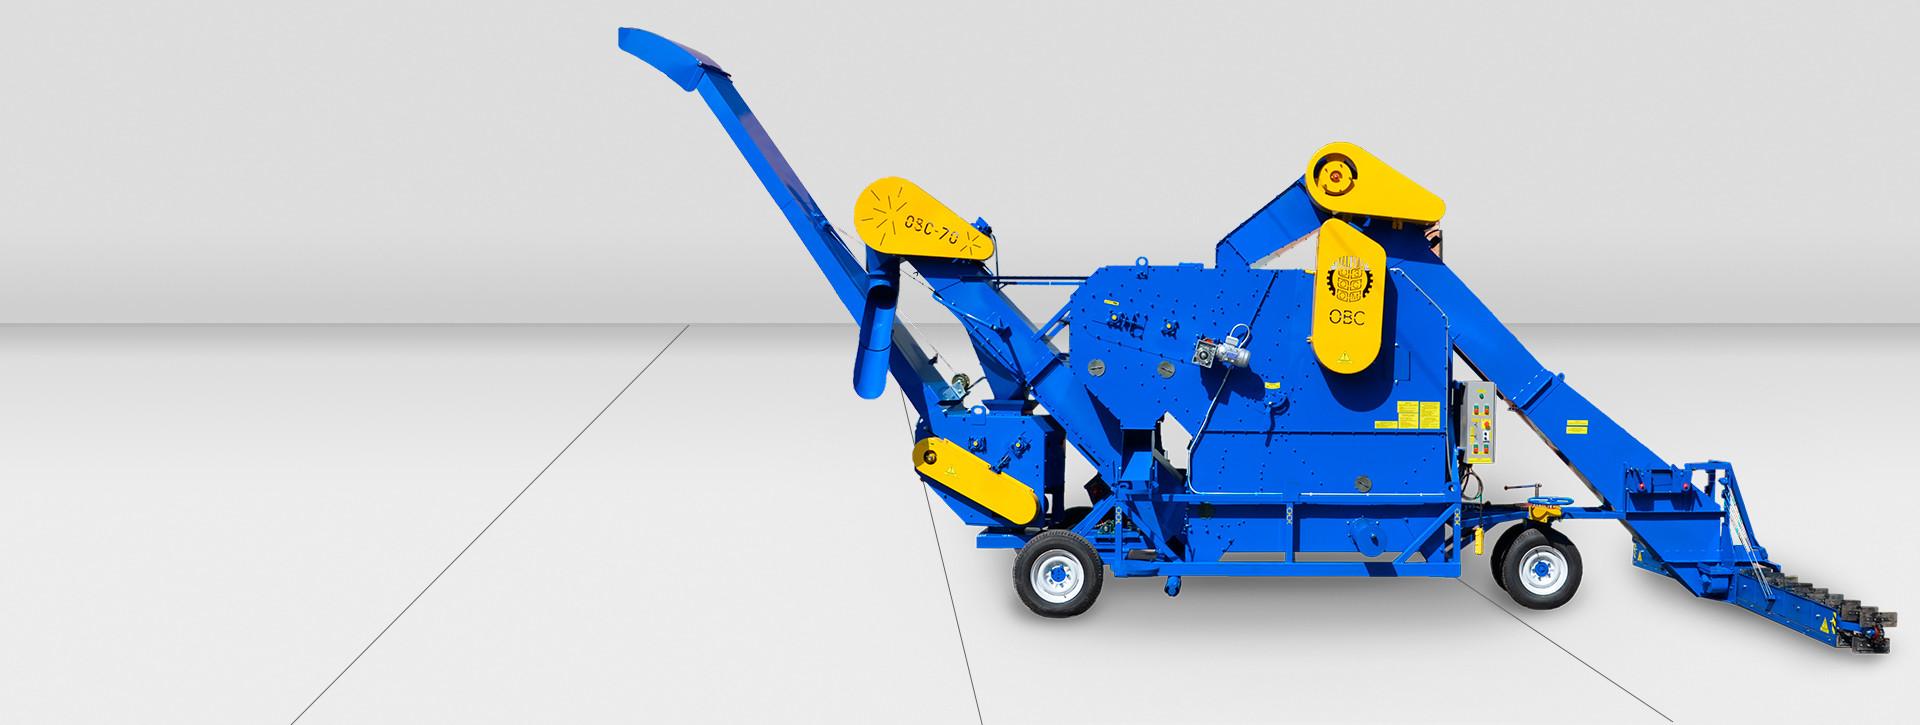 Очиститель вороха самопередвижной - зернометатель и зернопогрузчик  ОВС-70М4П, фото